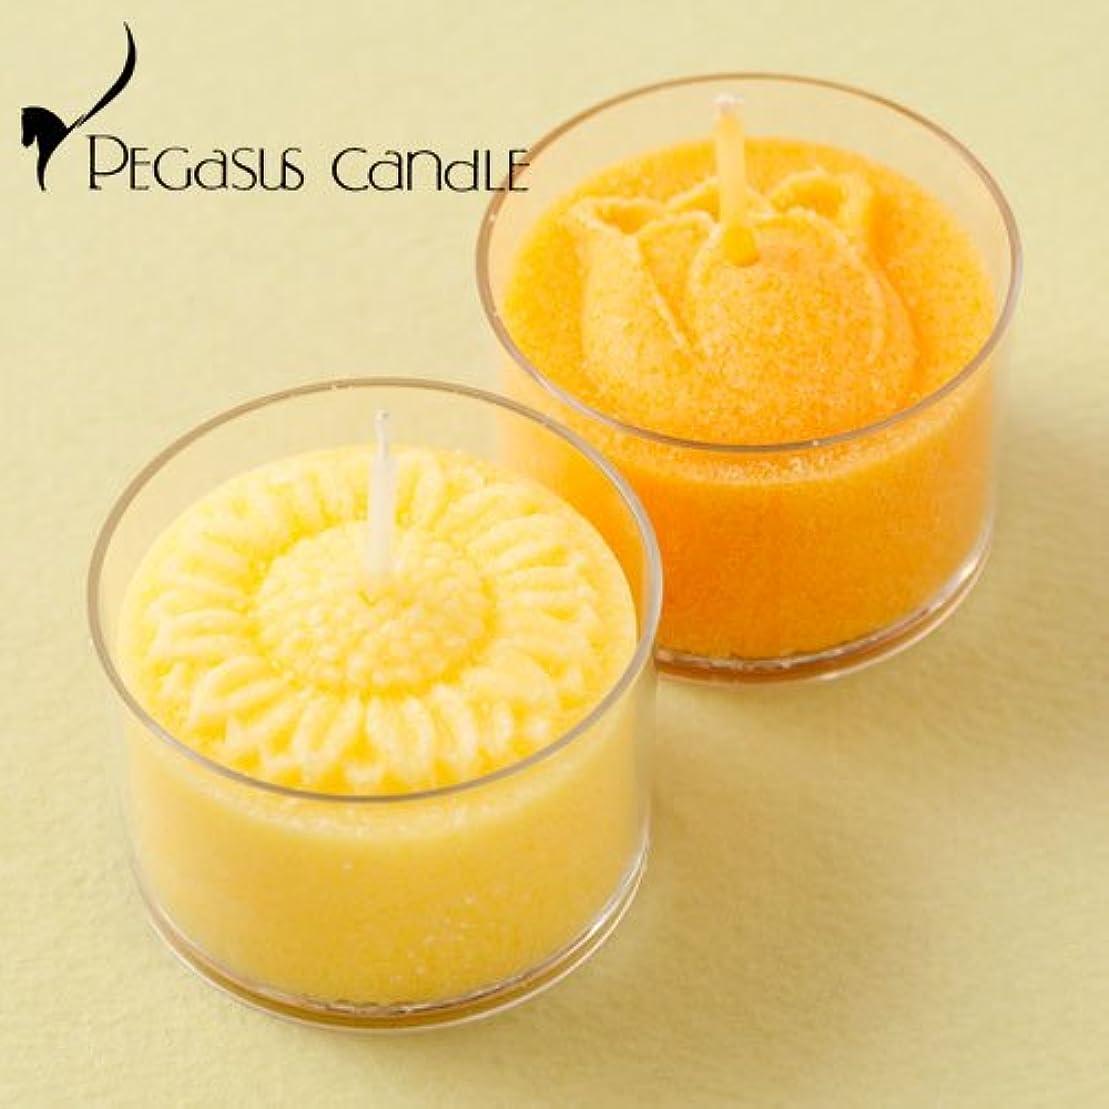 委任フローティング気性花暦ヒマワリ?チューリップ花の形のキャンドル2個セット(無香タイプ)ペガサスキャンドルFlower shaped candle